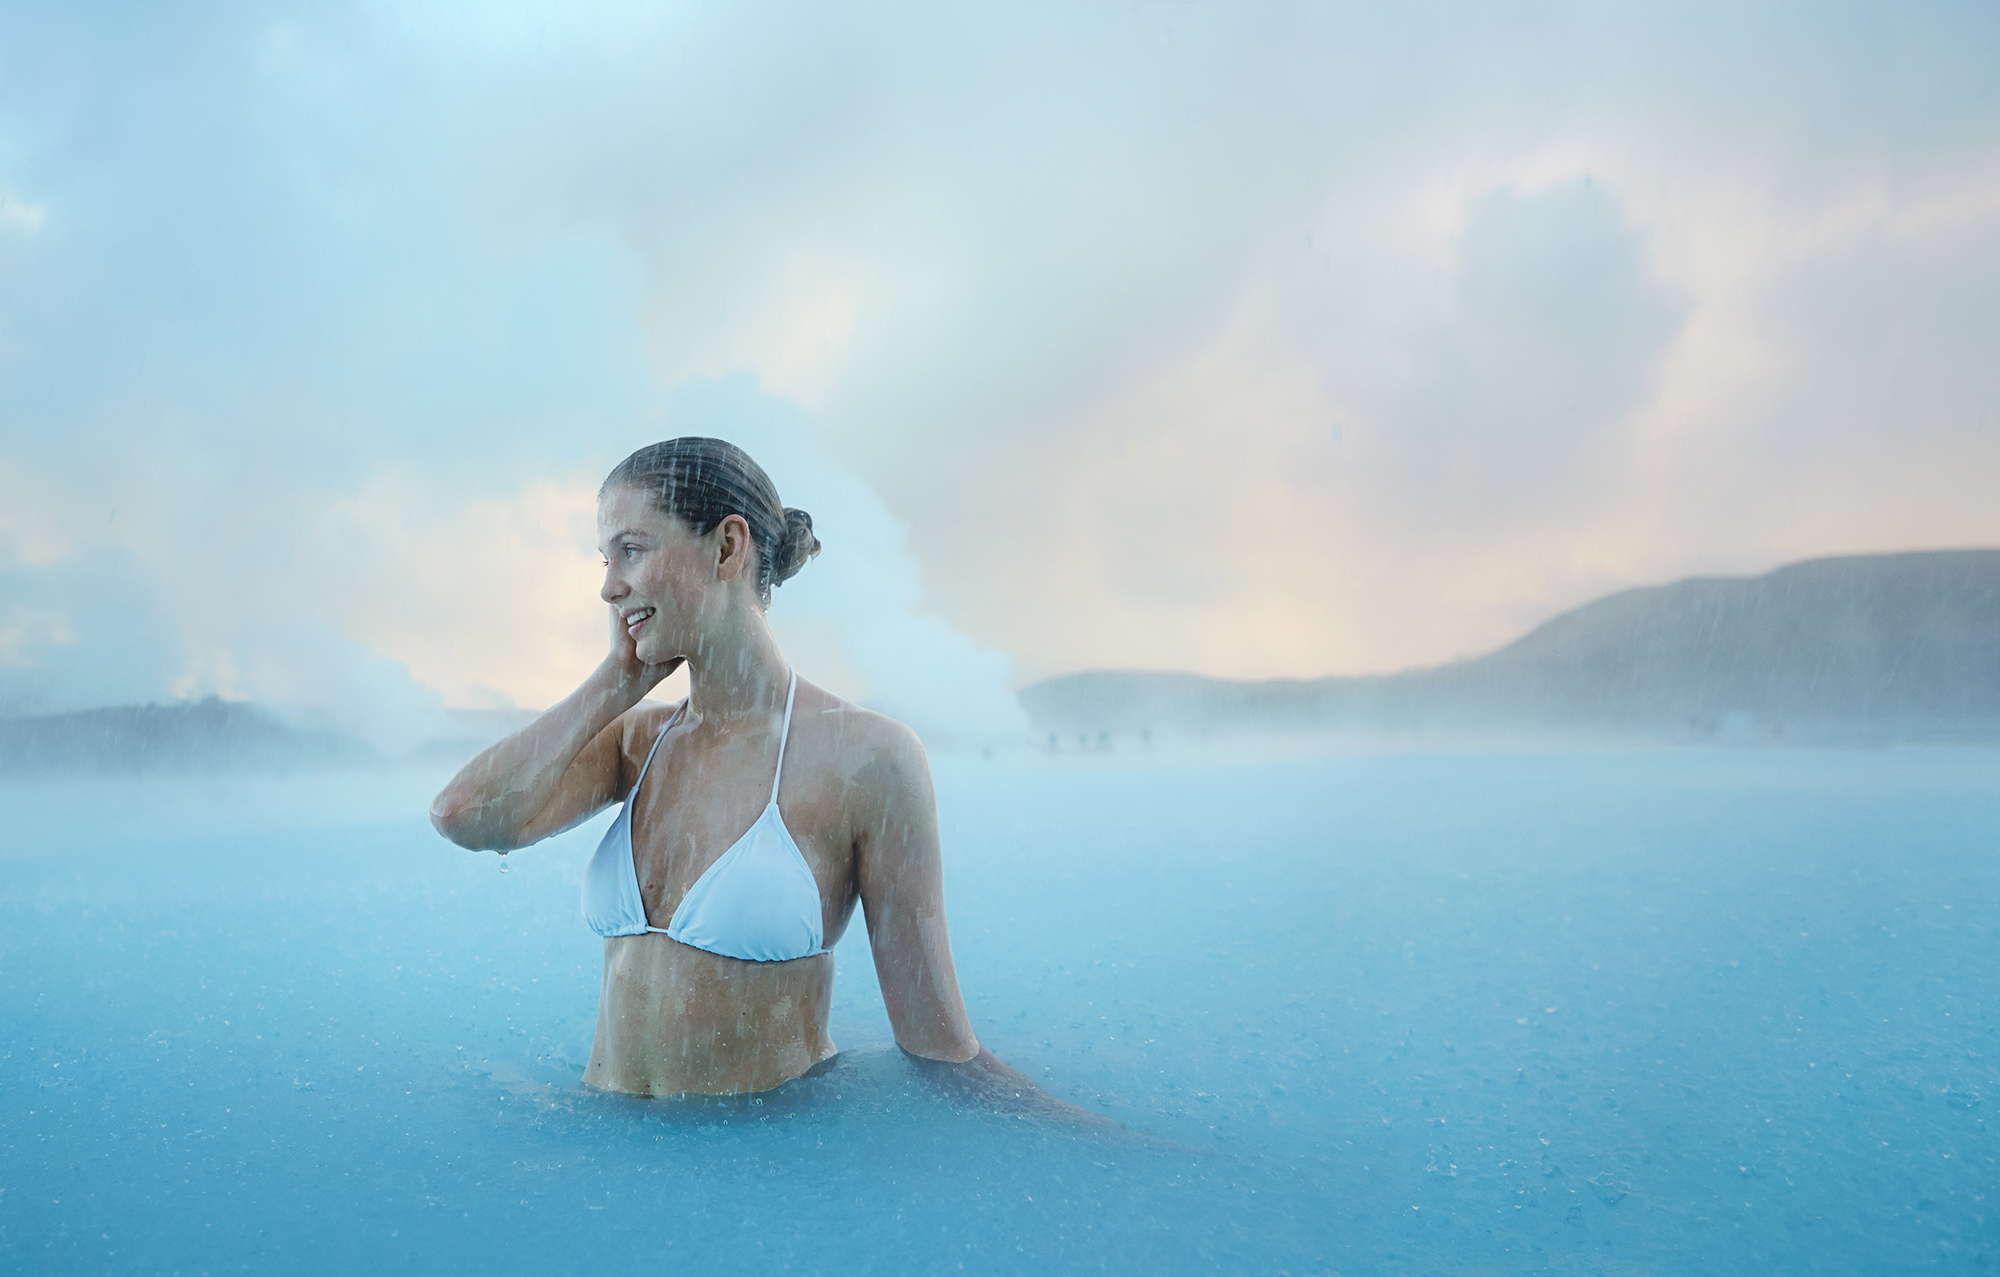 冰岛蓝湖温泉的蔚蓝矿物泉水举世闻名。